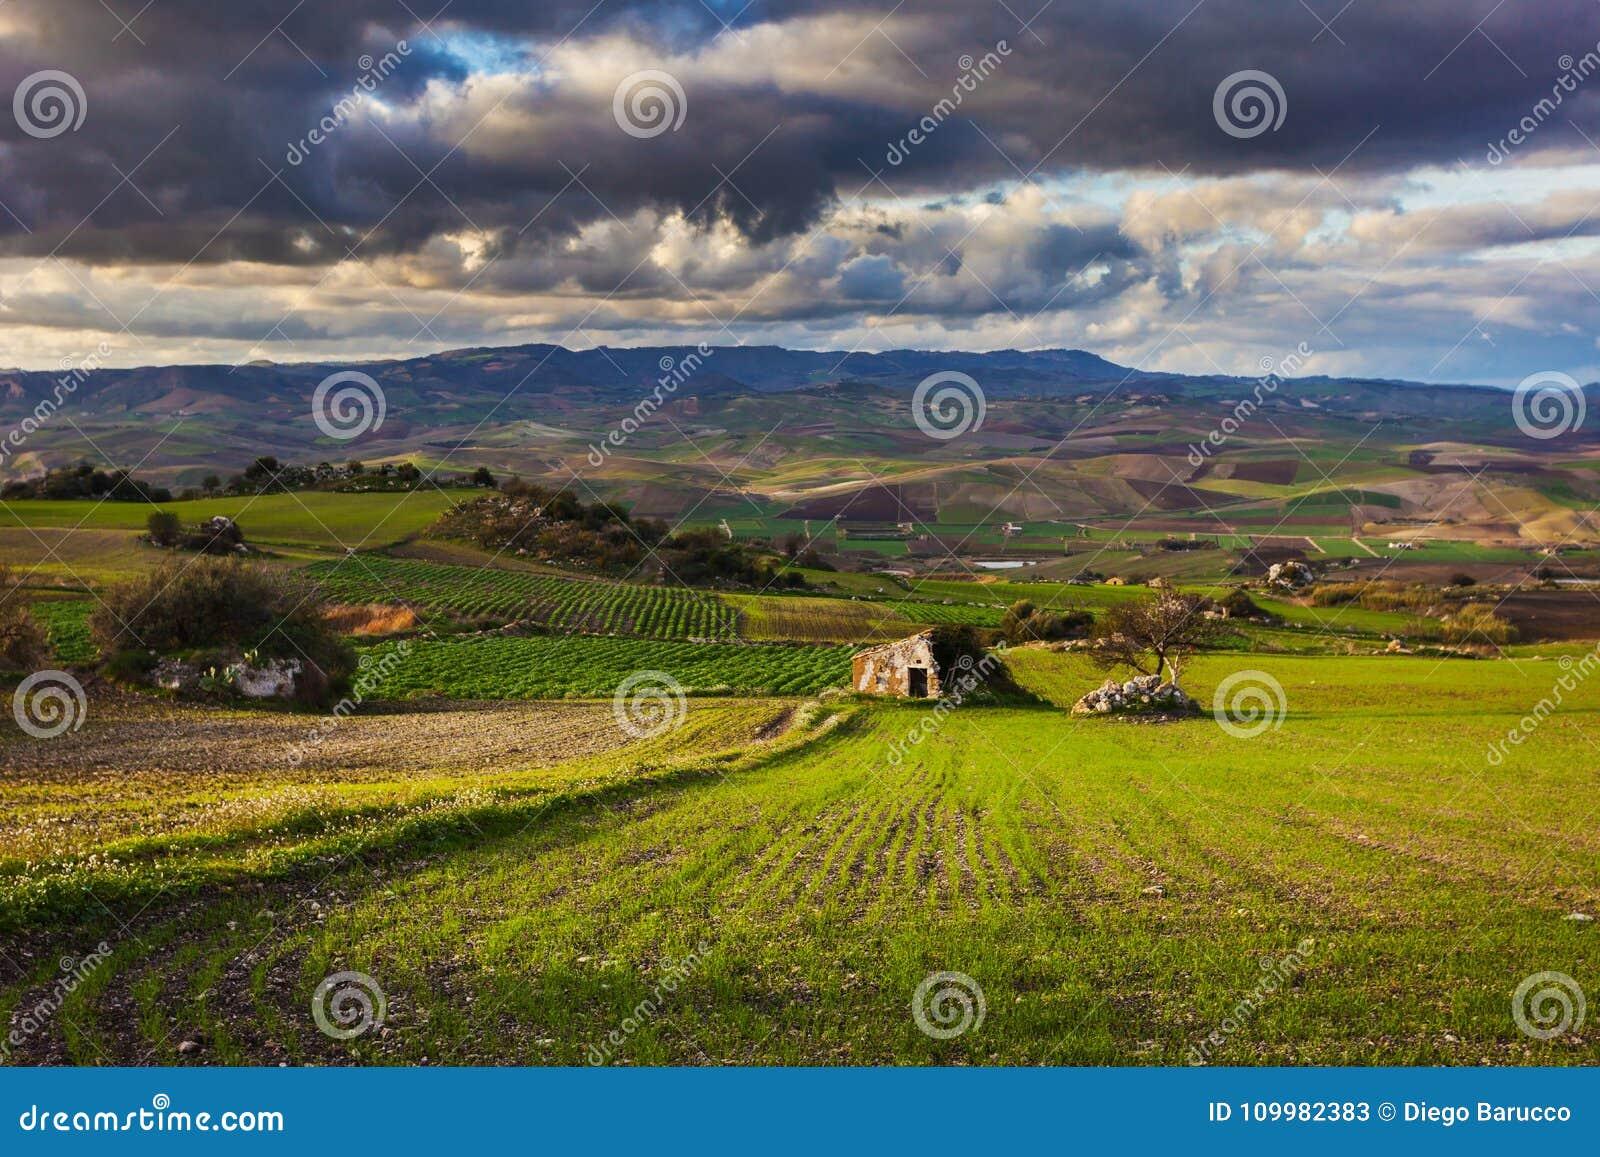 Sizilianisches Landschafts- und Landwirtschaftsland